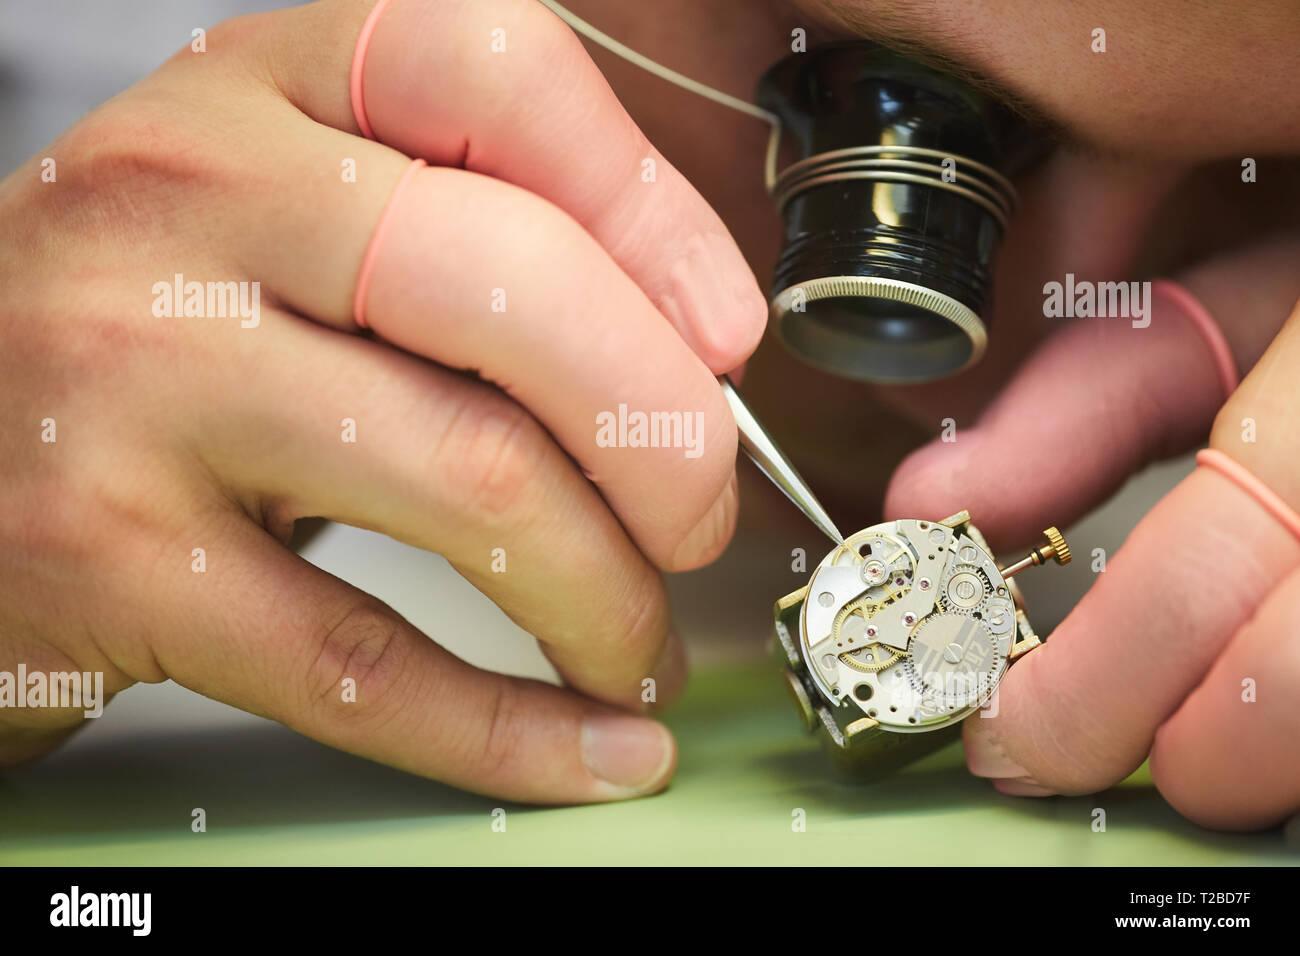 Clockmaker Closeup - Stock Image